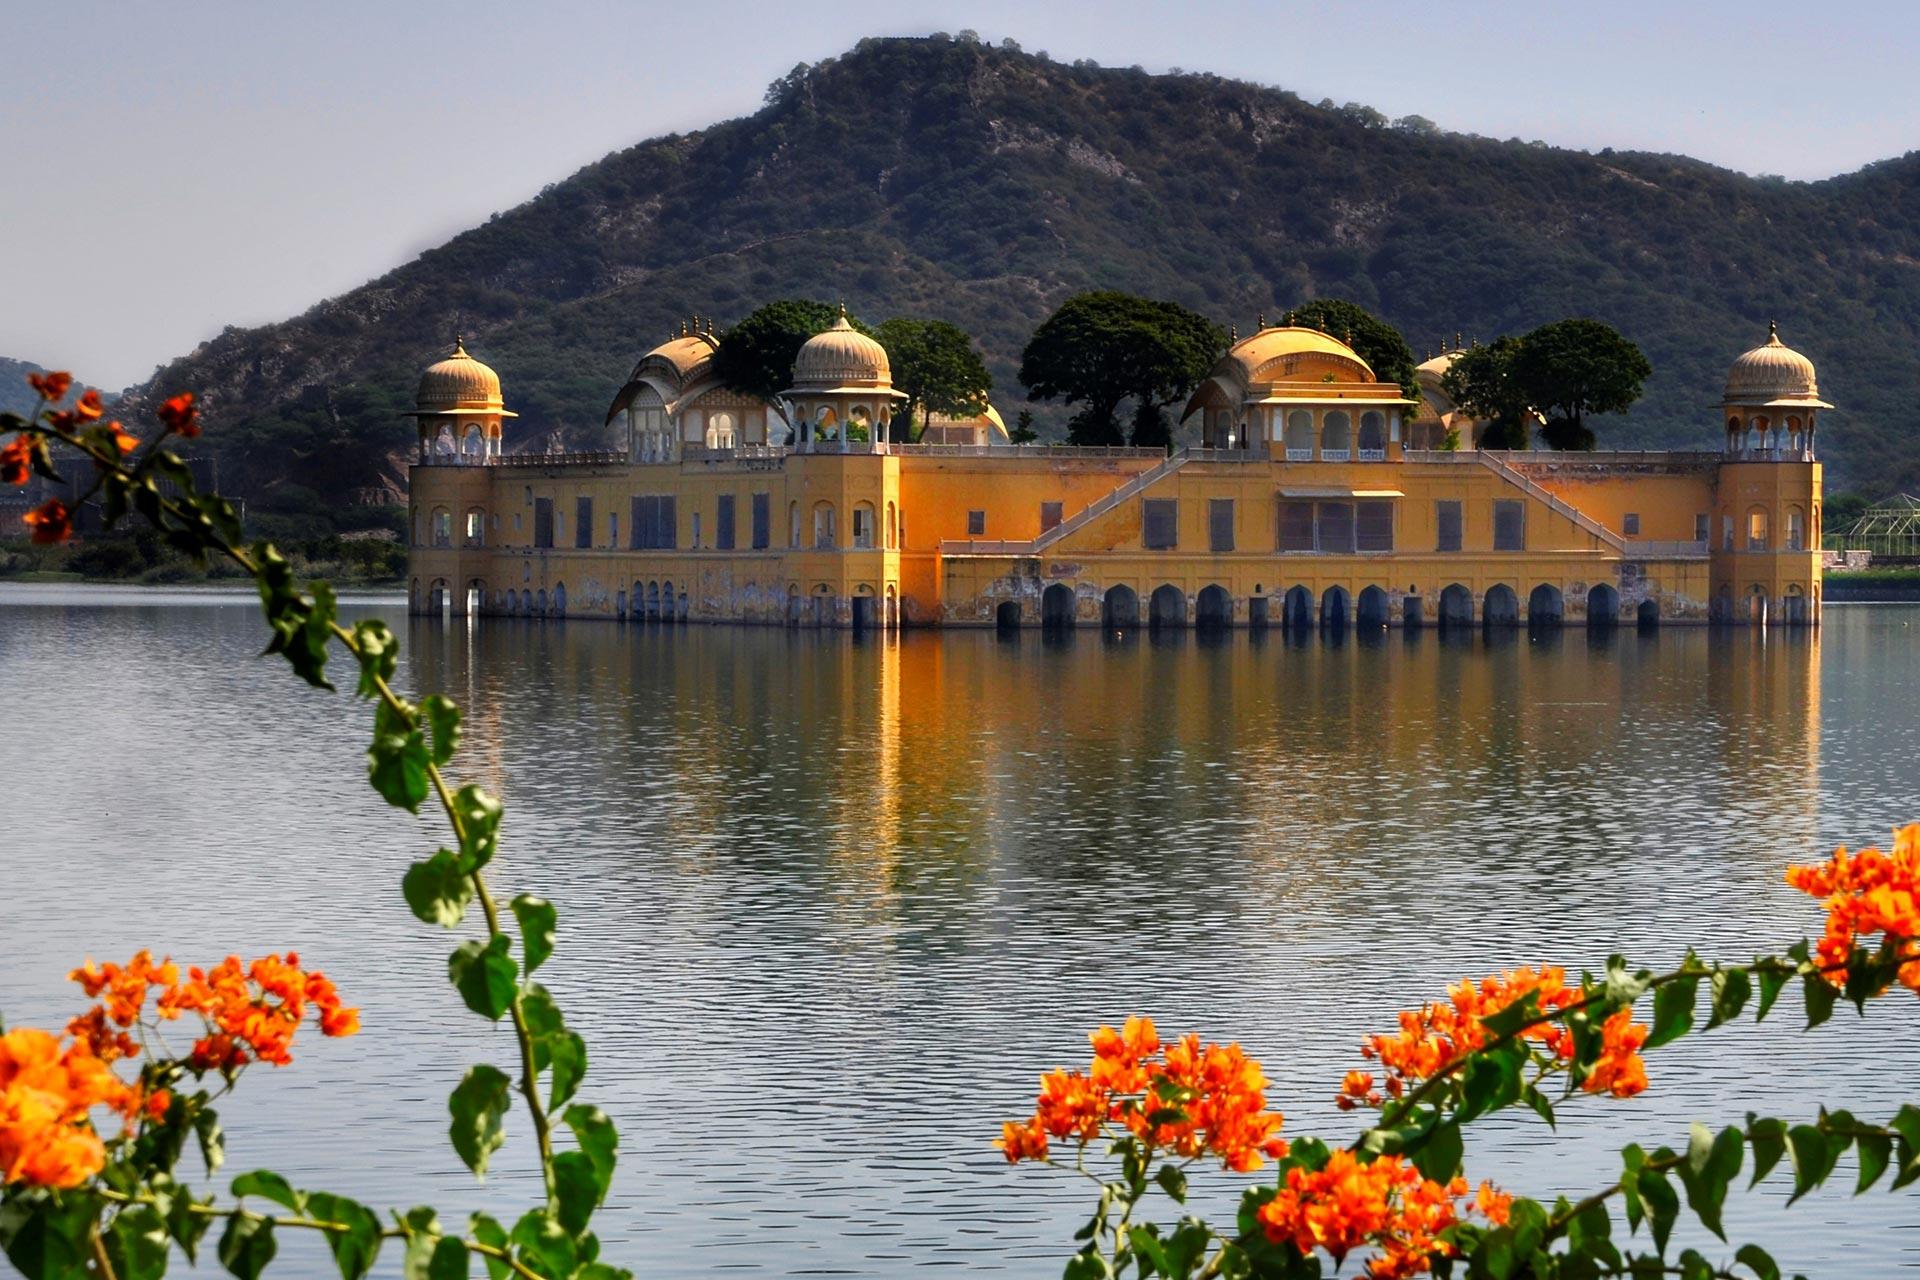 Das Jal Mahal - Schloss auf dem Wasser